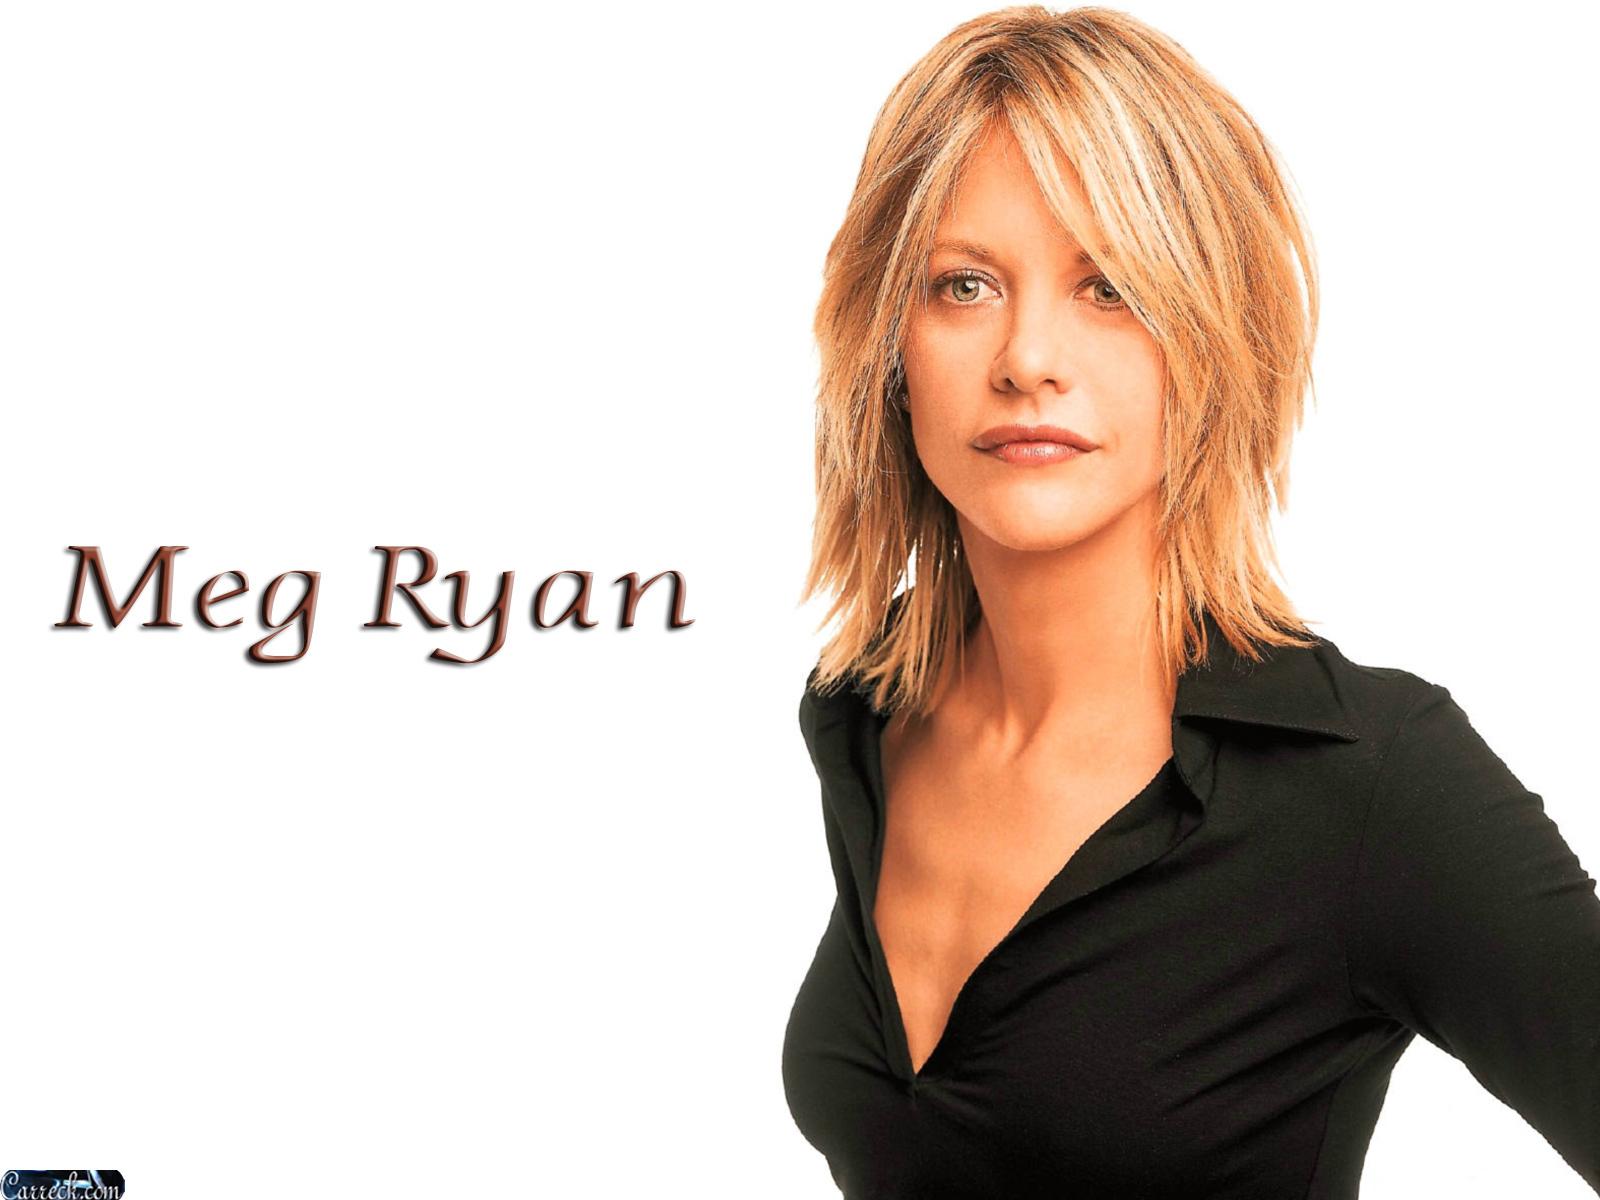 Meg Ryan Meg Ryan